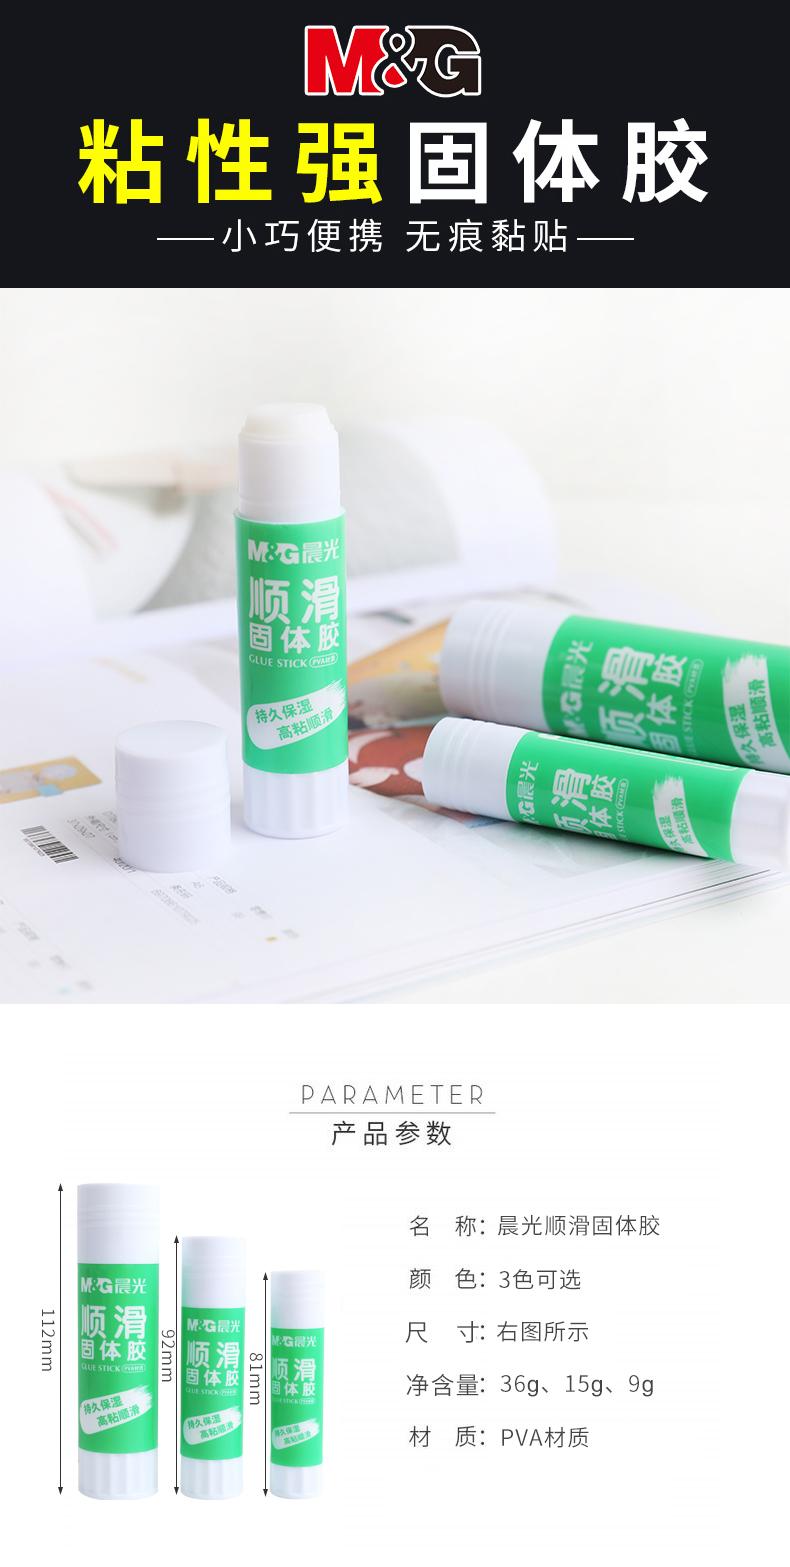 晨光文具固体胶棒高强粘度小号学生手工製作胶体办公用详细照片